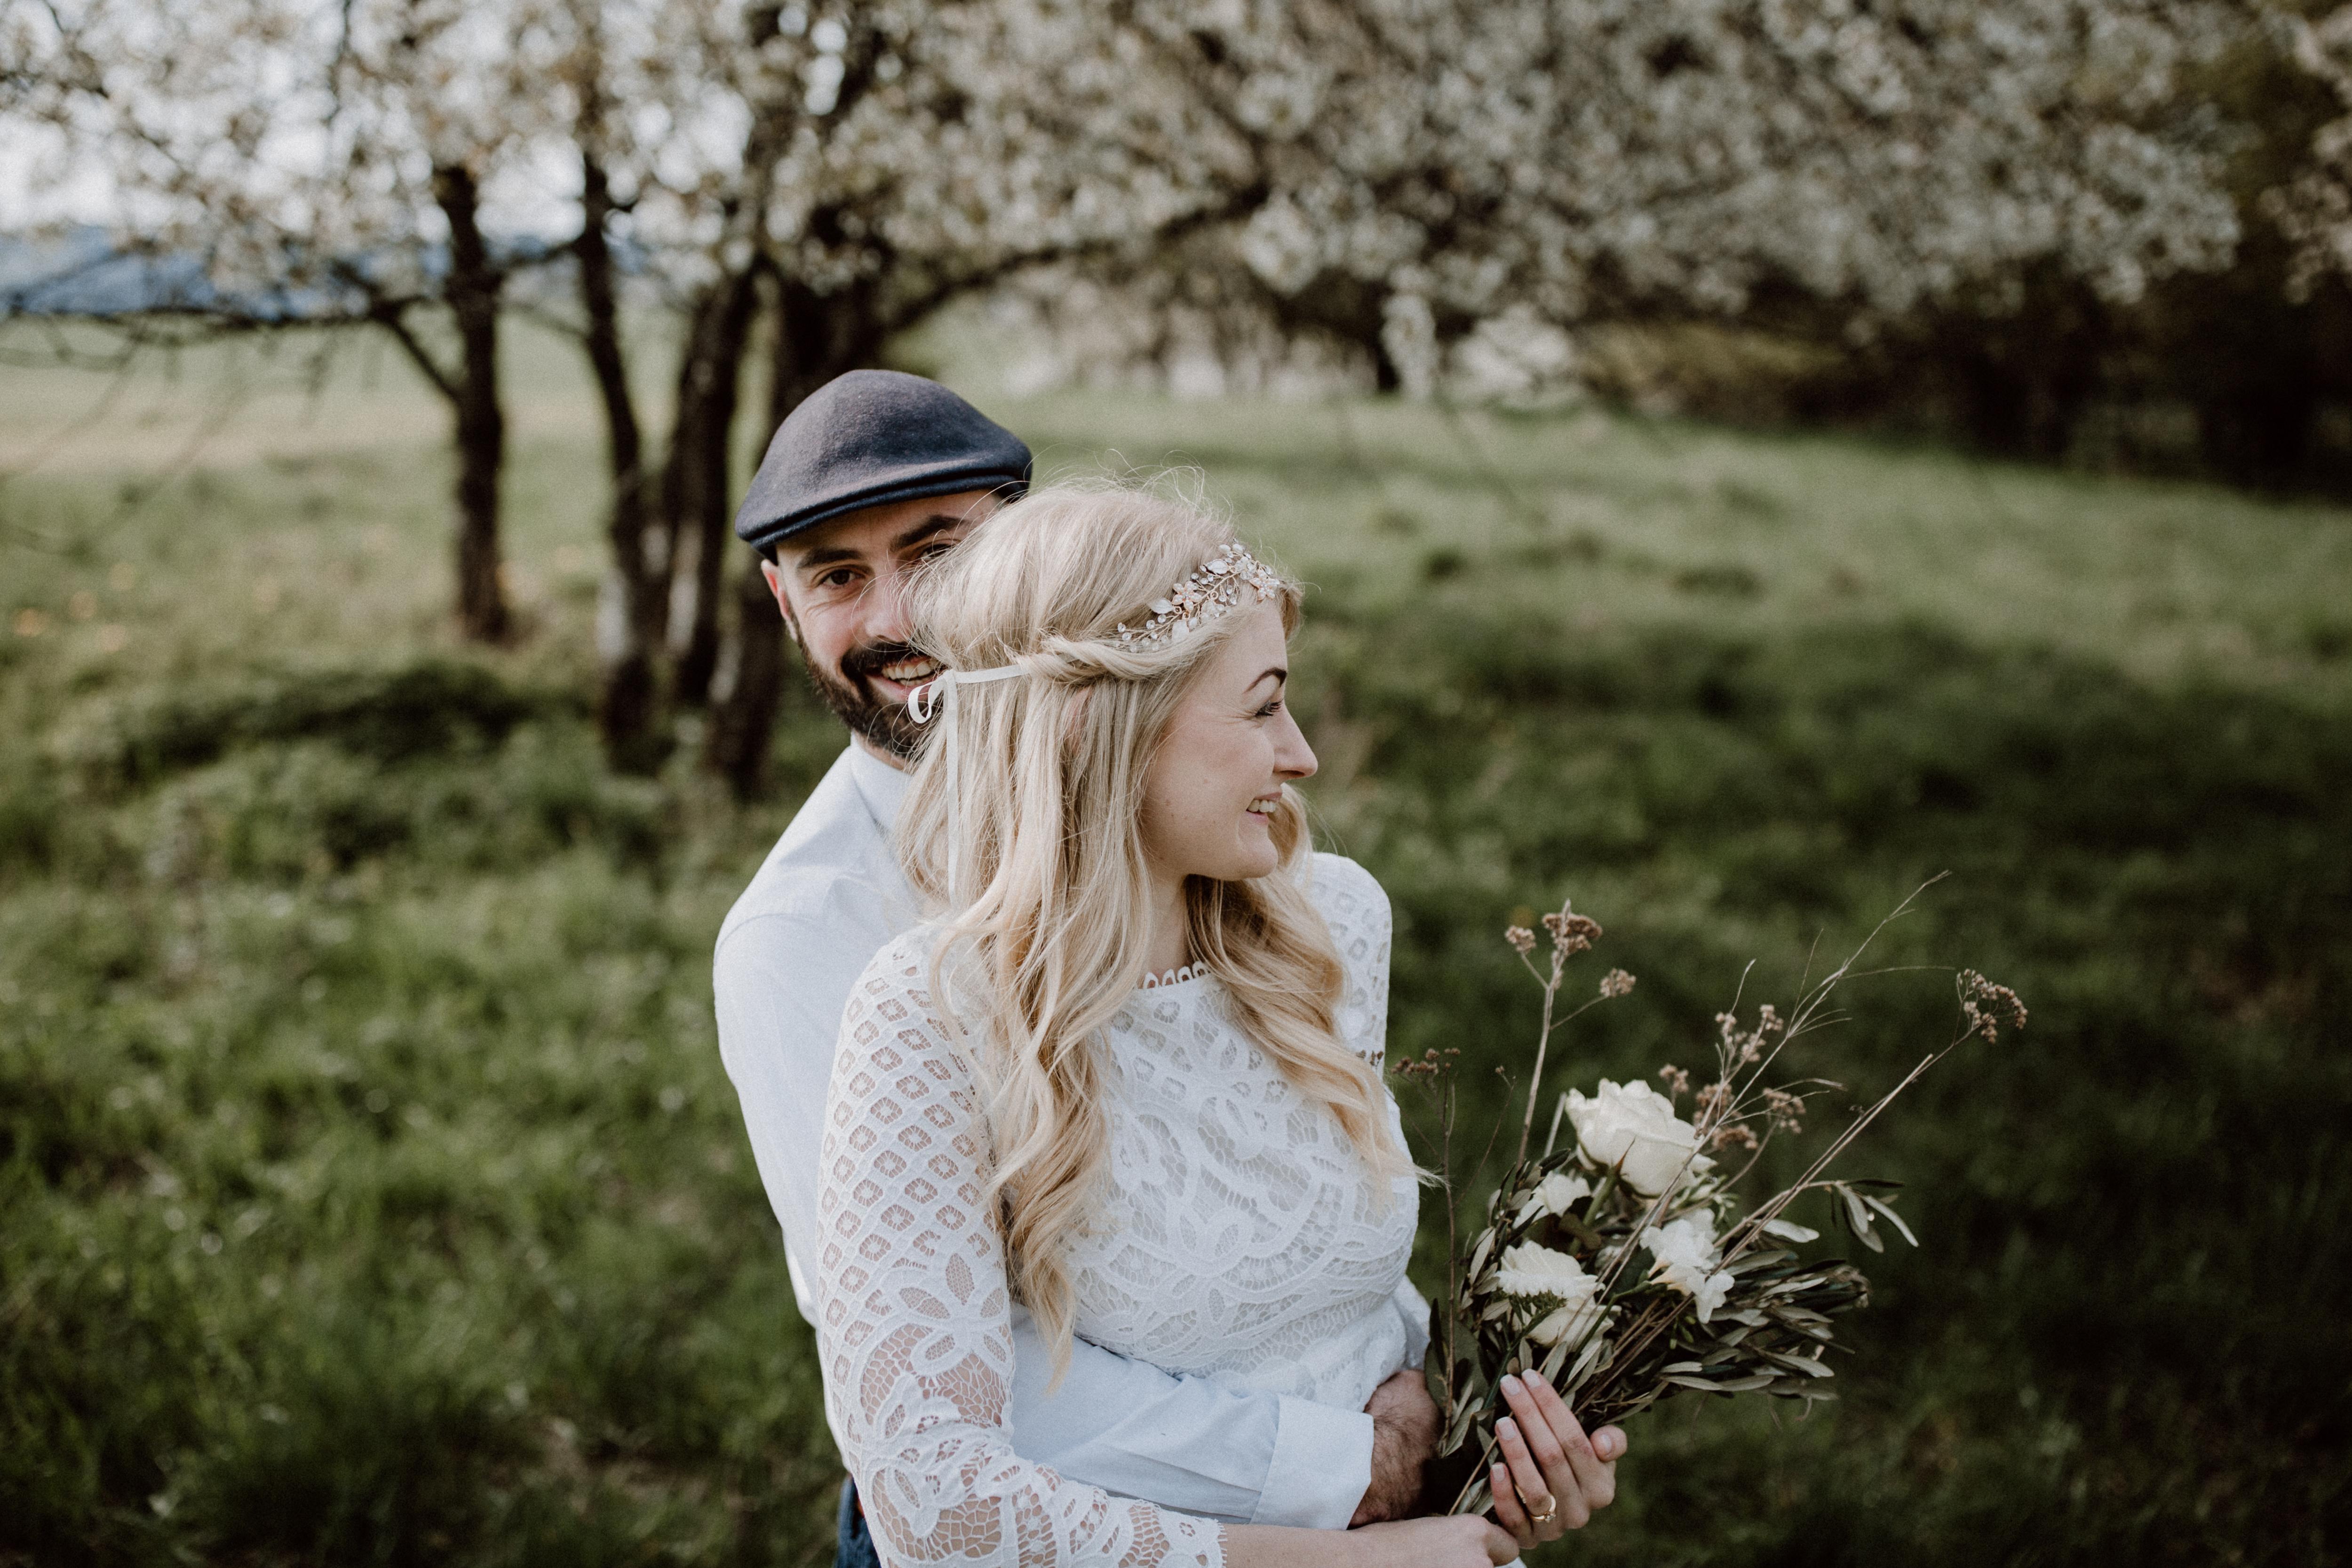 URBANERIE_Daniela_Goth_Hochzeitsfotografin_Nürnberg_Fürth_Erlangen_Schwabach_170415_001_0026